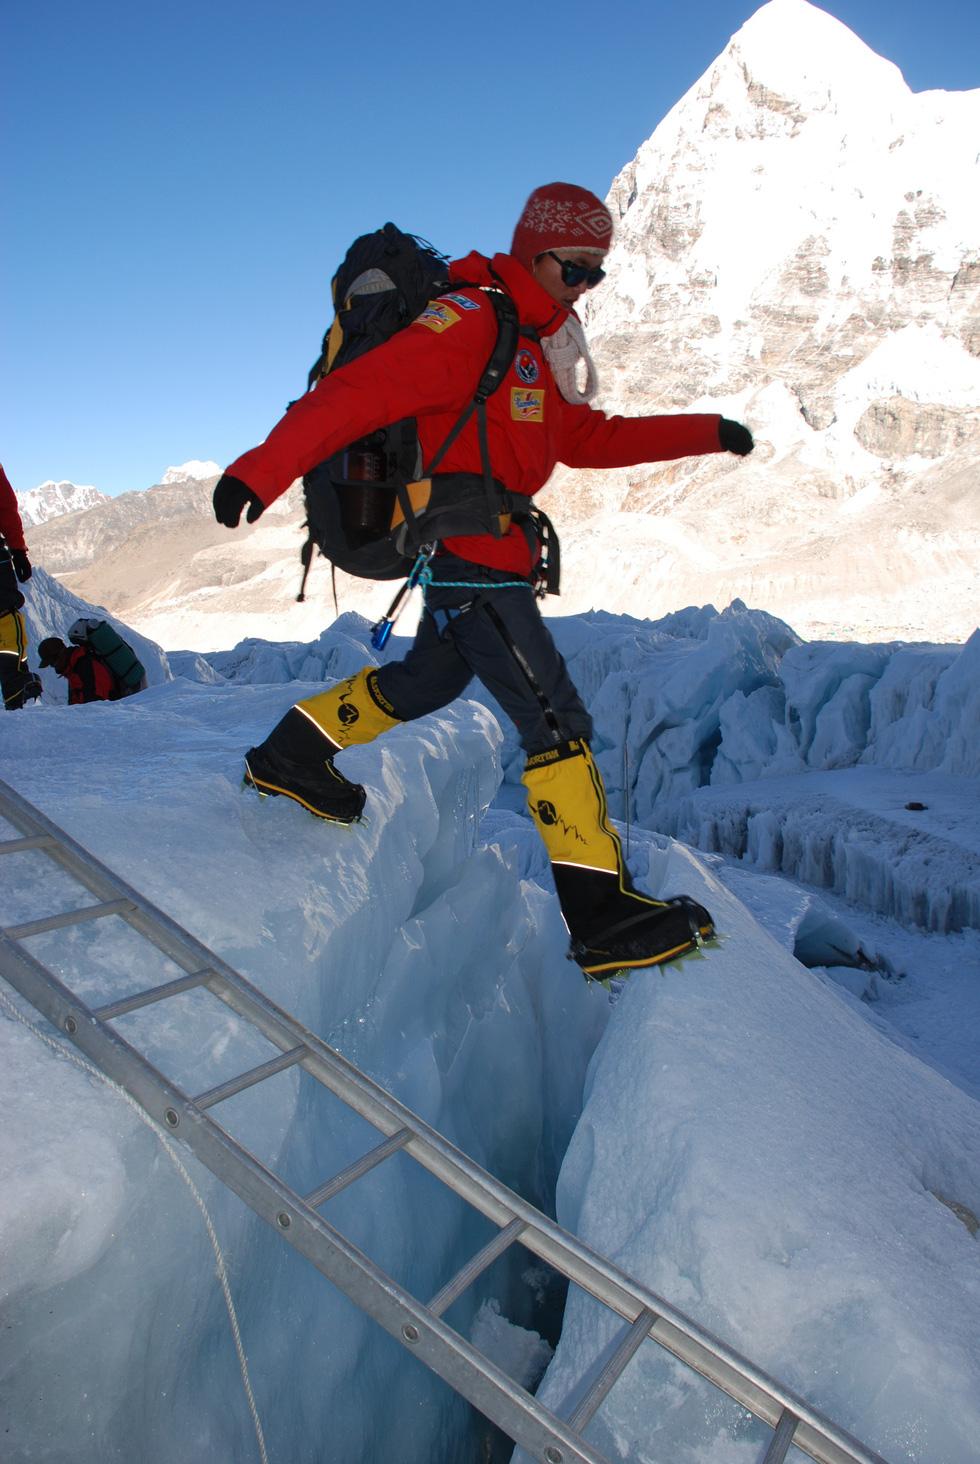 Người Việt Nam trẻ tuổi nhất chinh phục Everest thi chạy 42km ở Bắc cực - Ảnh 1.